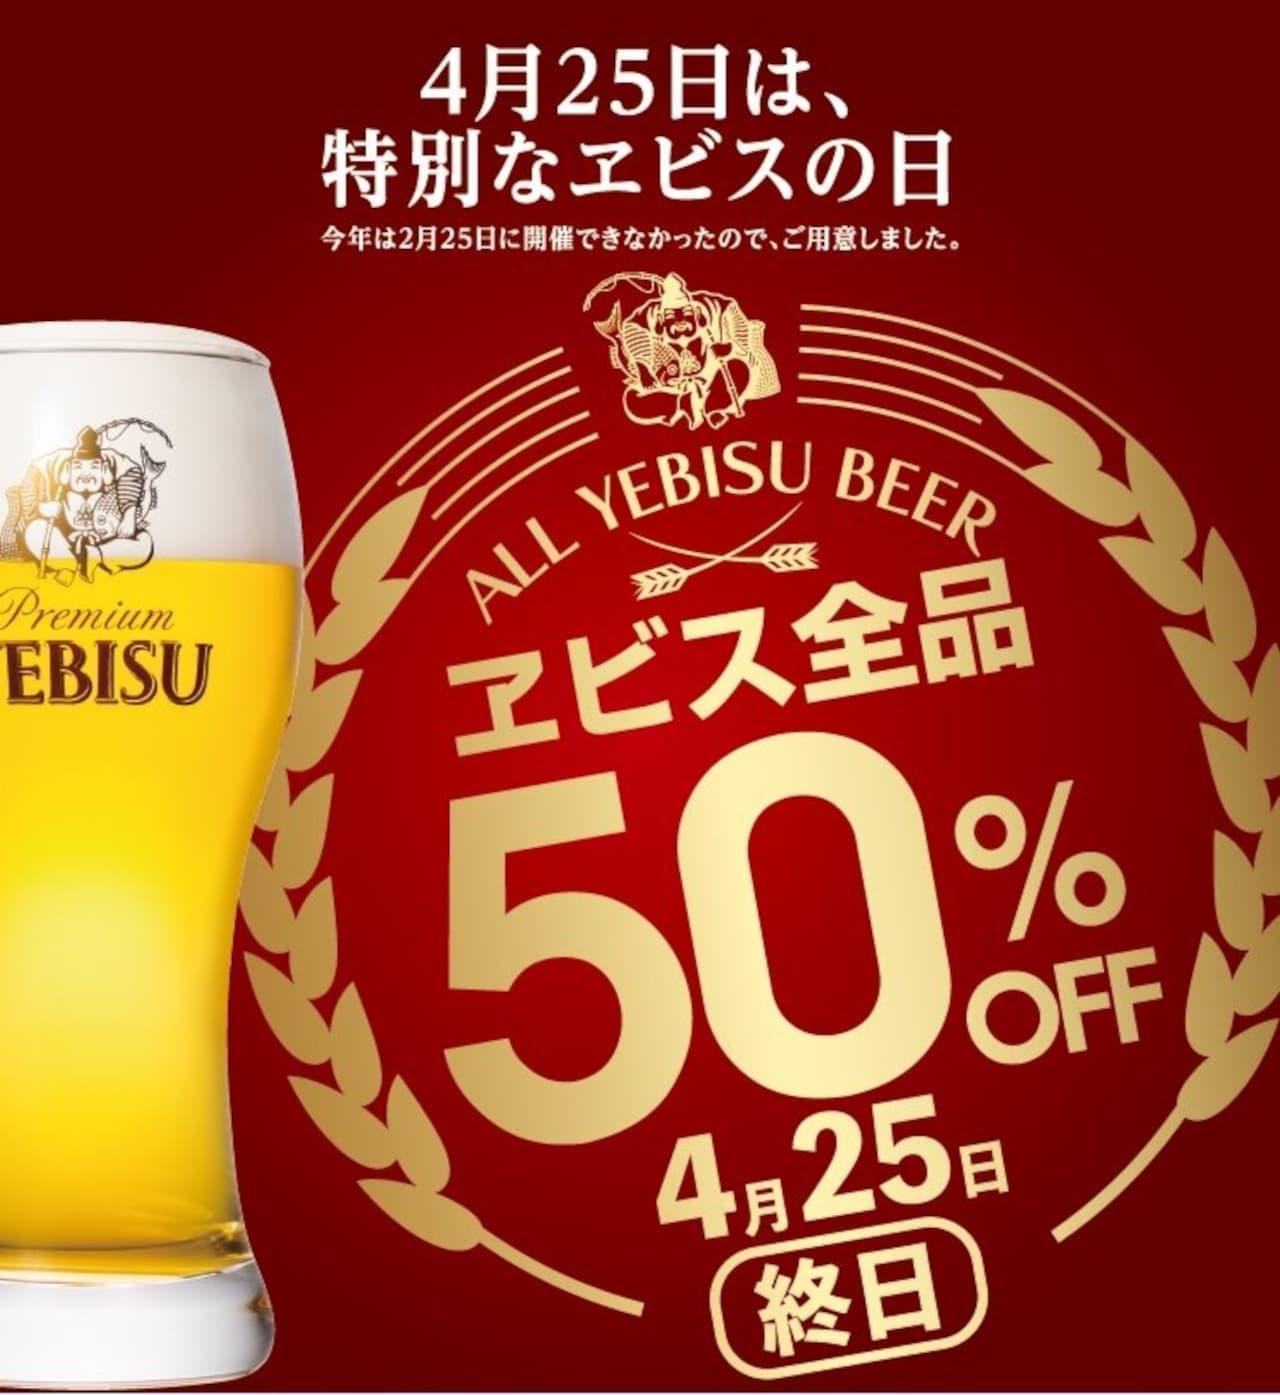 ヱビスバー「ヱビス生ビール」半額イベント